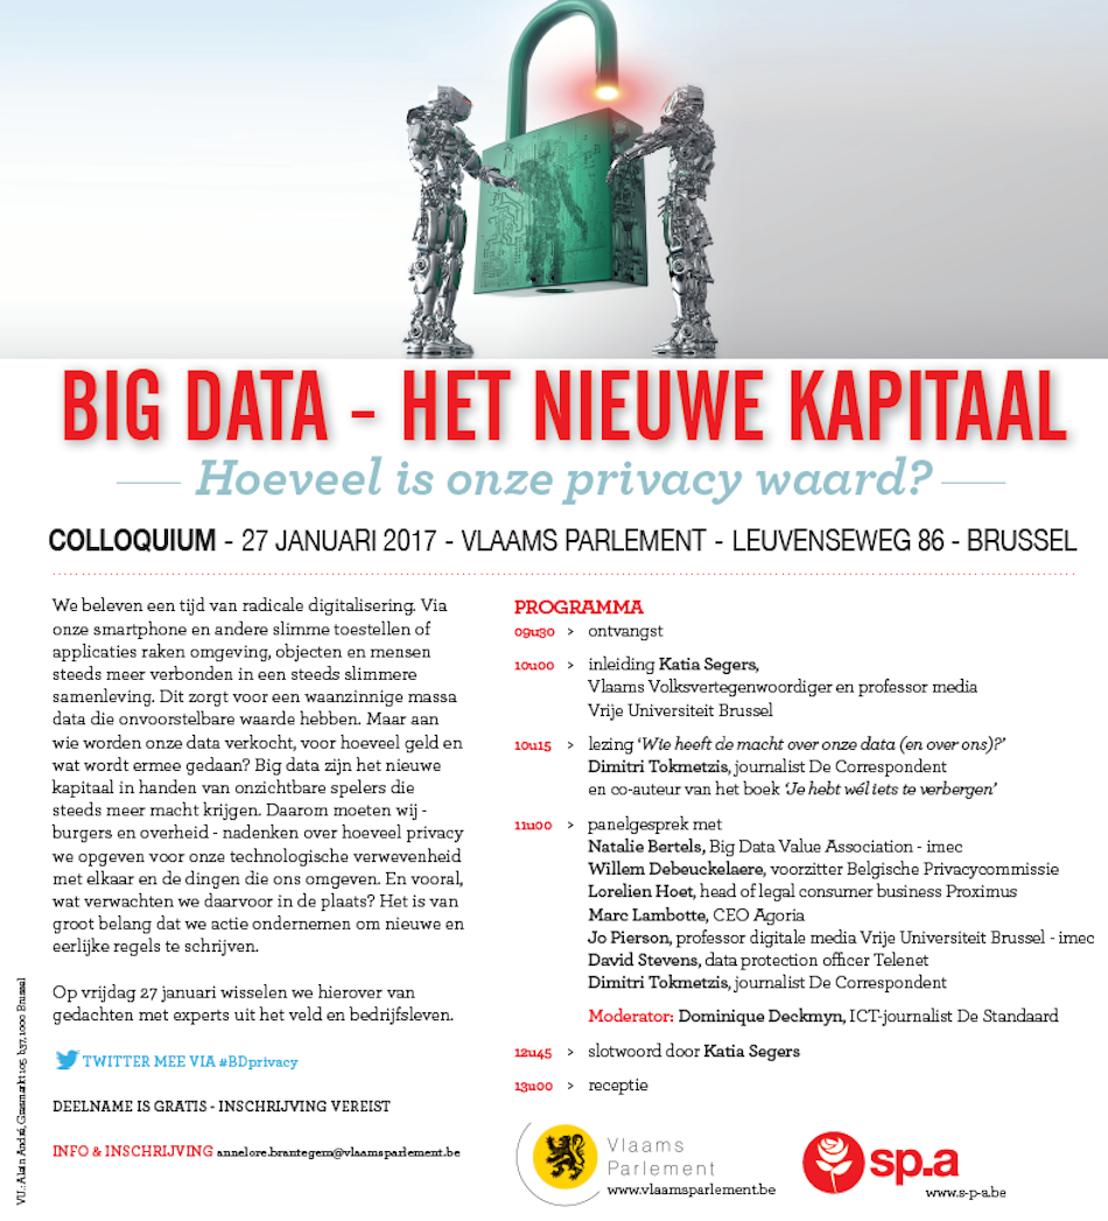 Uitnodiging colloqium: Big Data, het nieuwe kapitaal